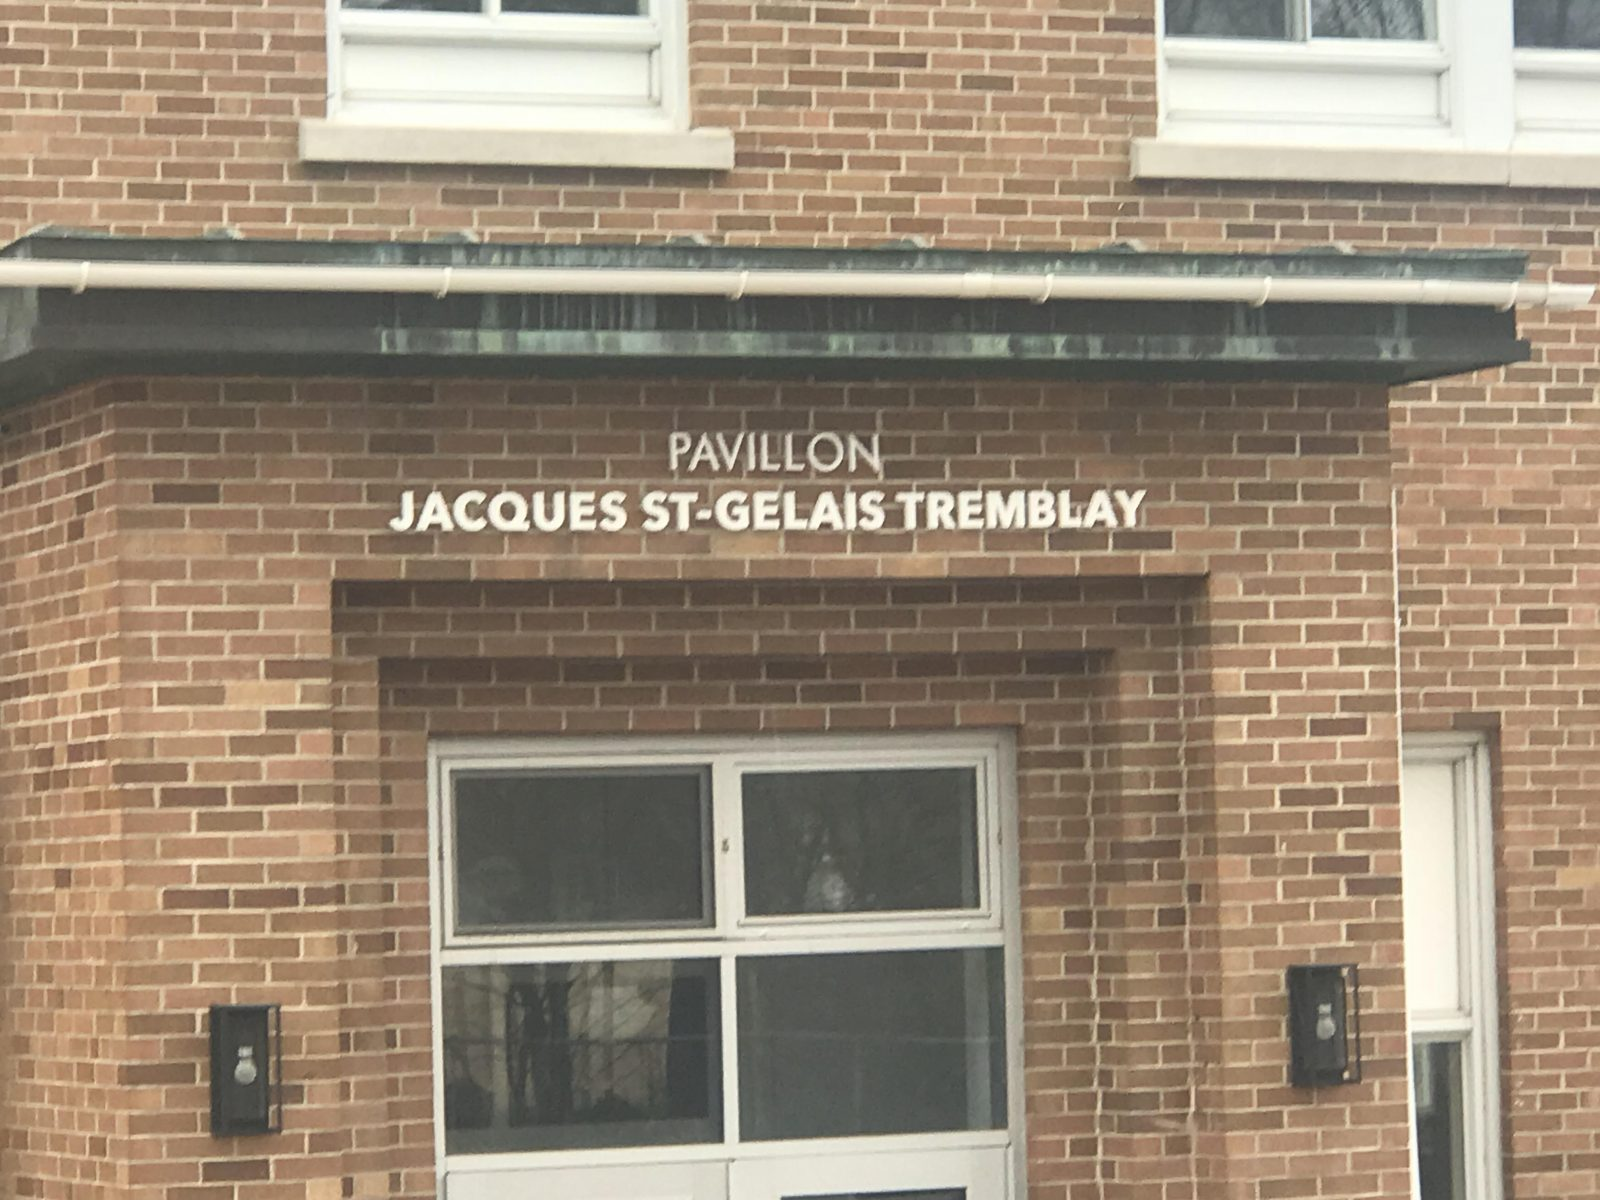 L'école Thomas-Tremblay devient le Pavillon Jacques St-Gelais Tremblay